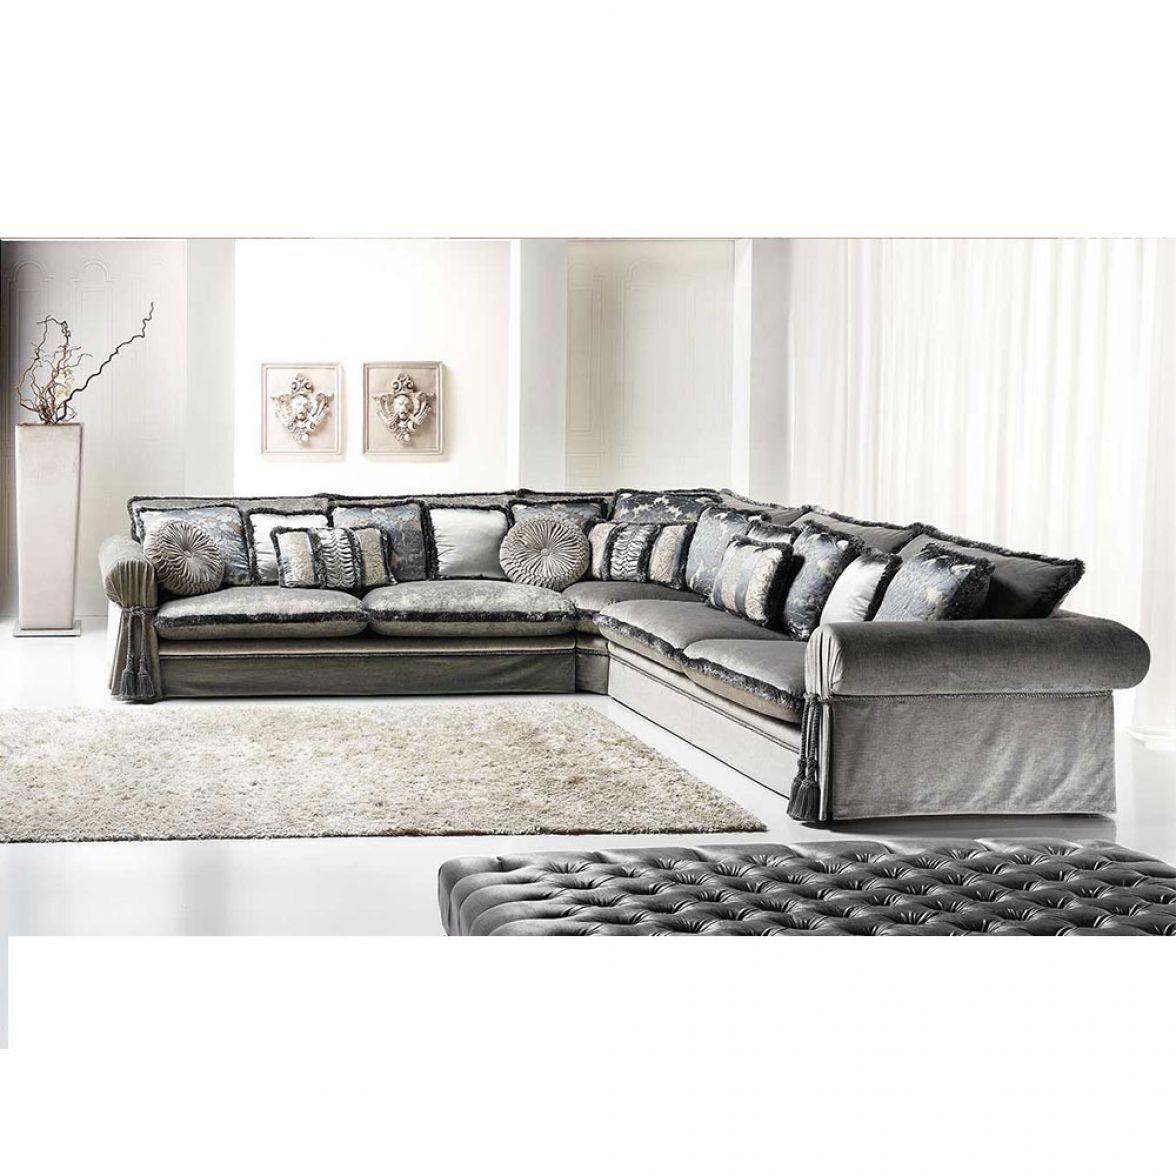 William sectional sofa